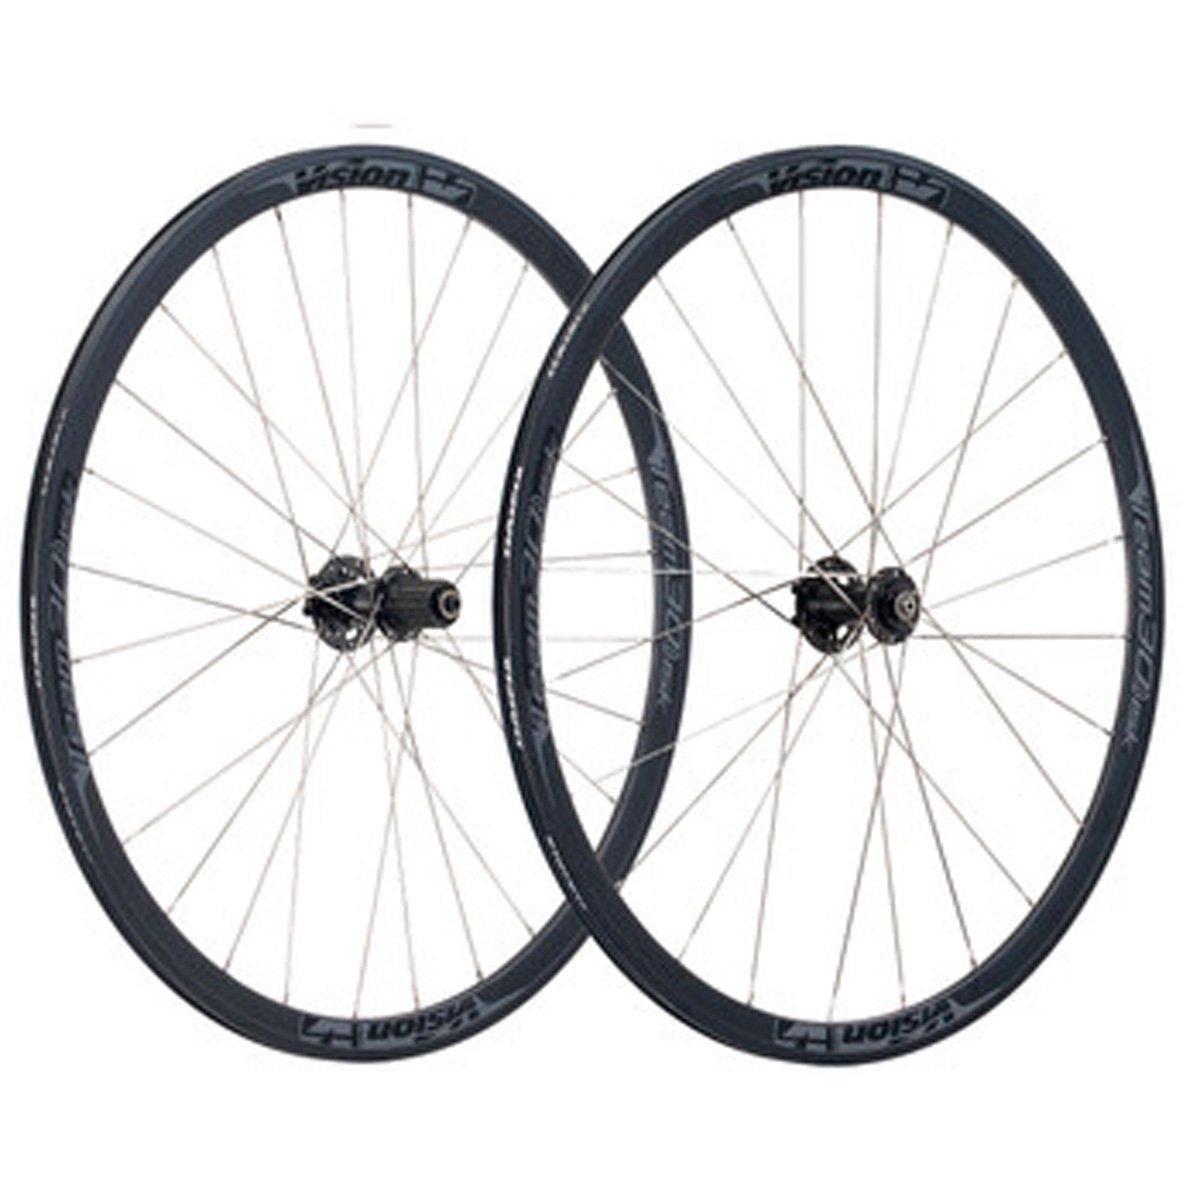 FSA Vision Team 30 ディスク 11速 自転車用タイヤセット BWH-VT-301/DB B06XB7QL89 24/28H 700c Black Decal Black Decal 24/28H 700c